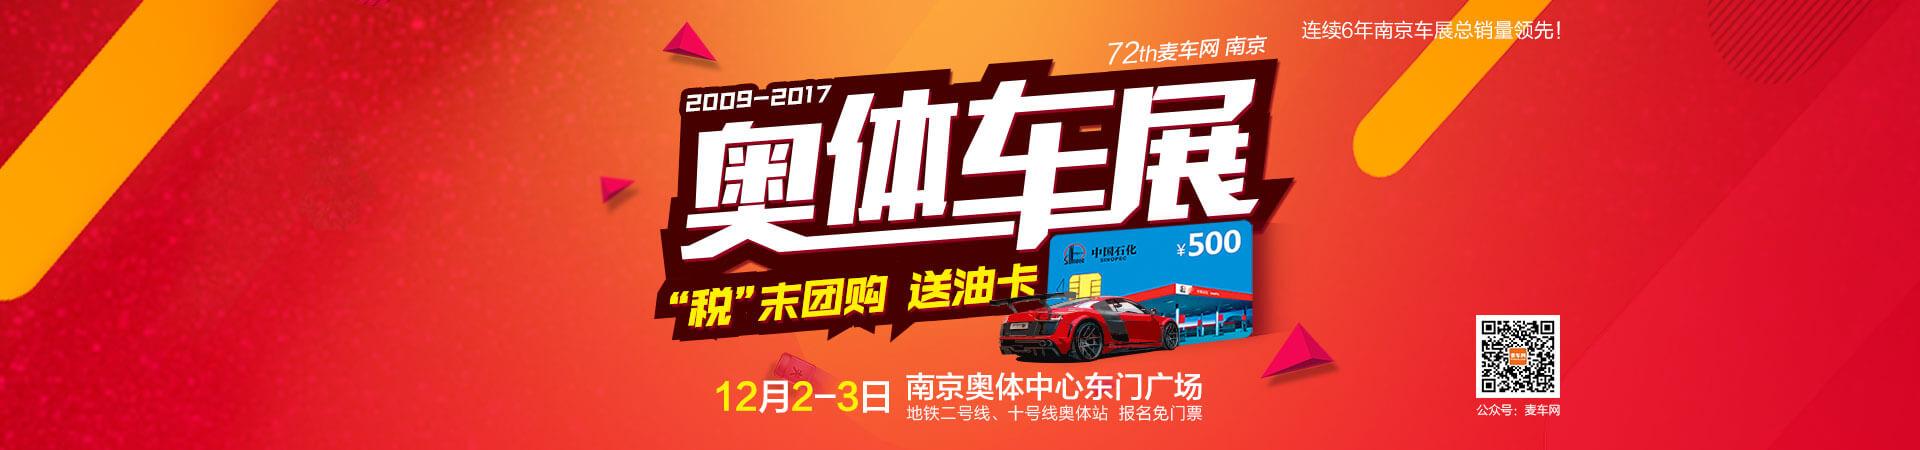 12月2-3日麦车网南京奥体车展